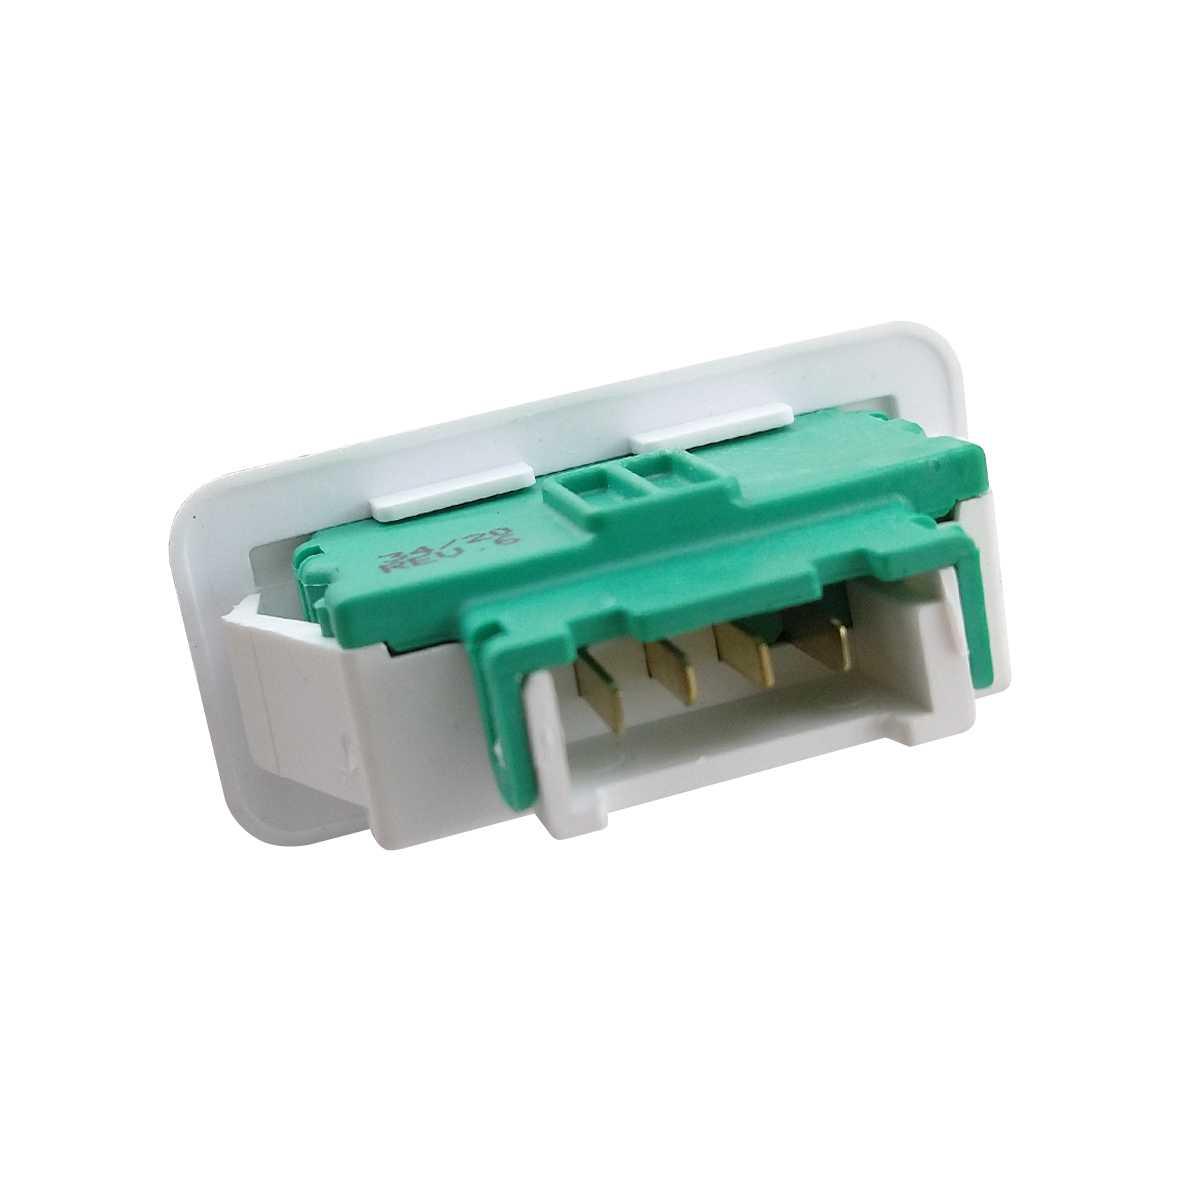 Interruptor duplo da porta geladeira Electrolux